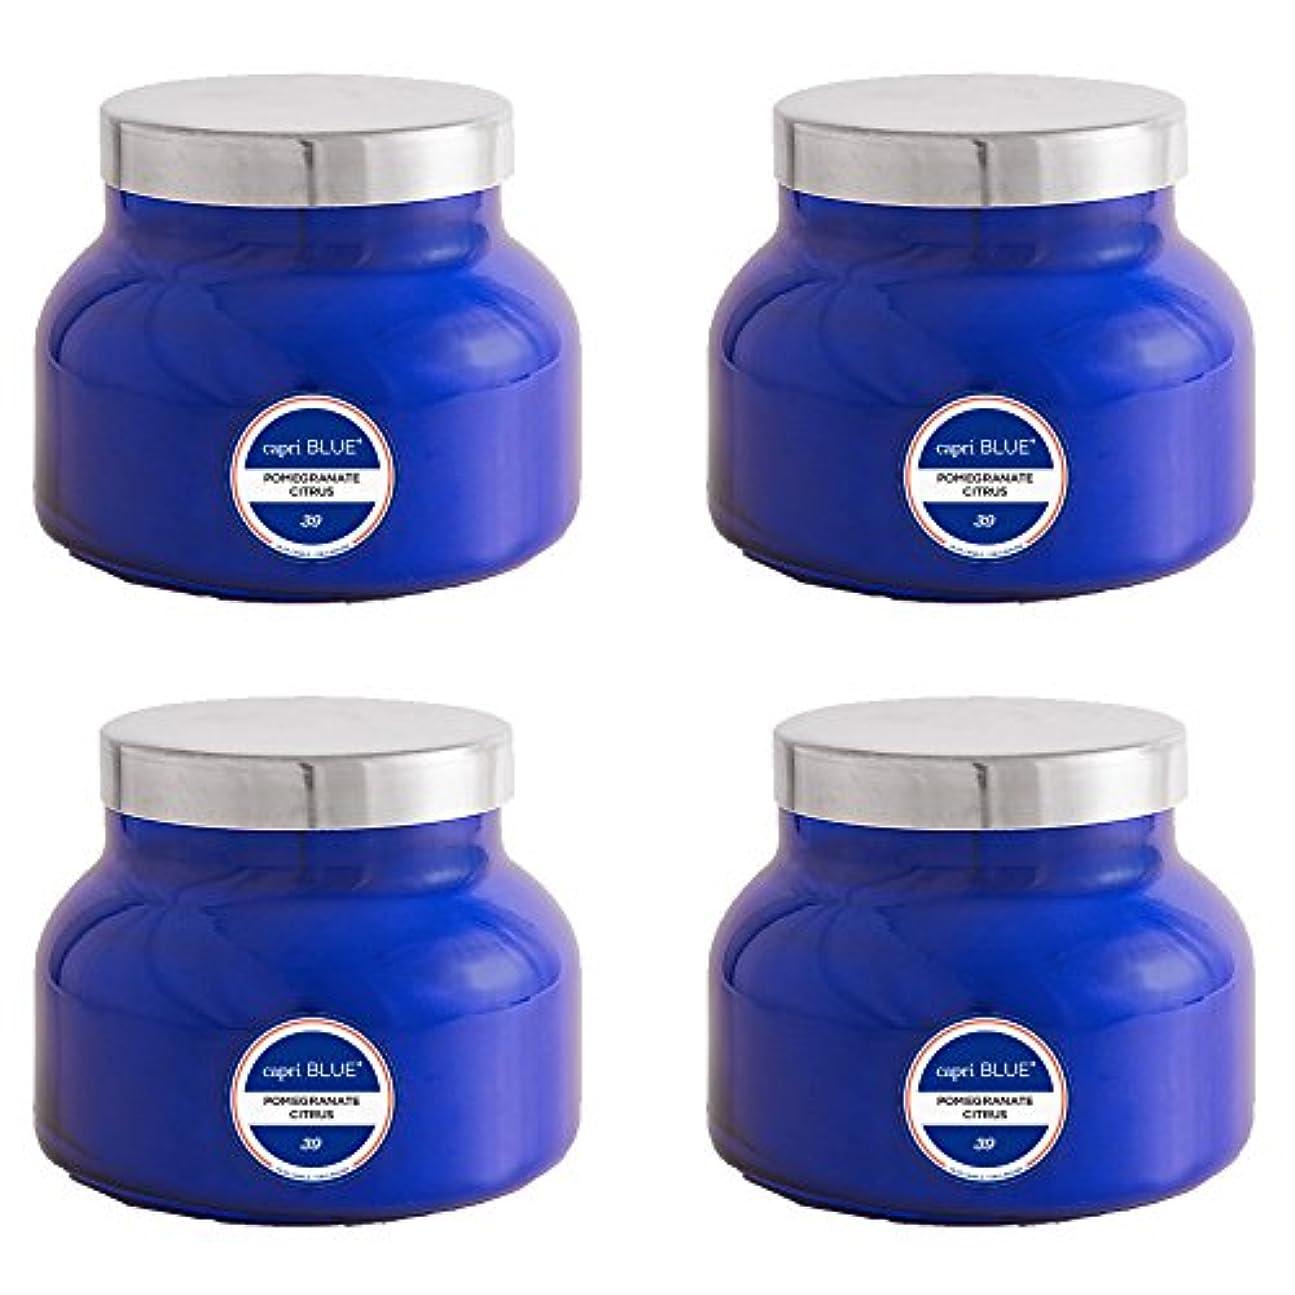 確執積極的にメイエラカプリブルー19 oz Signature Pomegranate Citrus Jar Candle4パック、Volcano、1サイズ